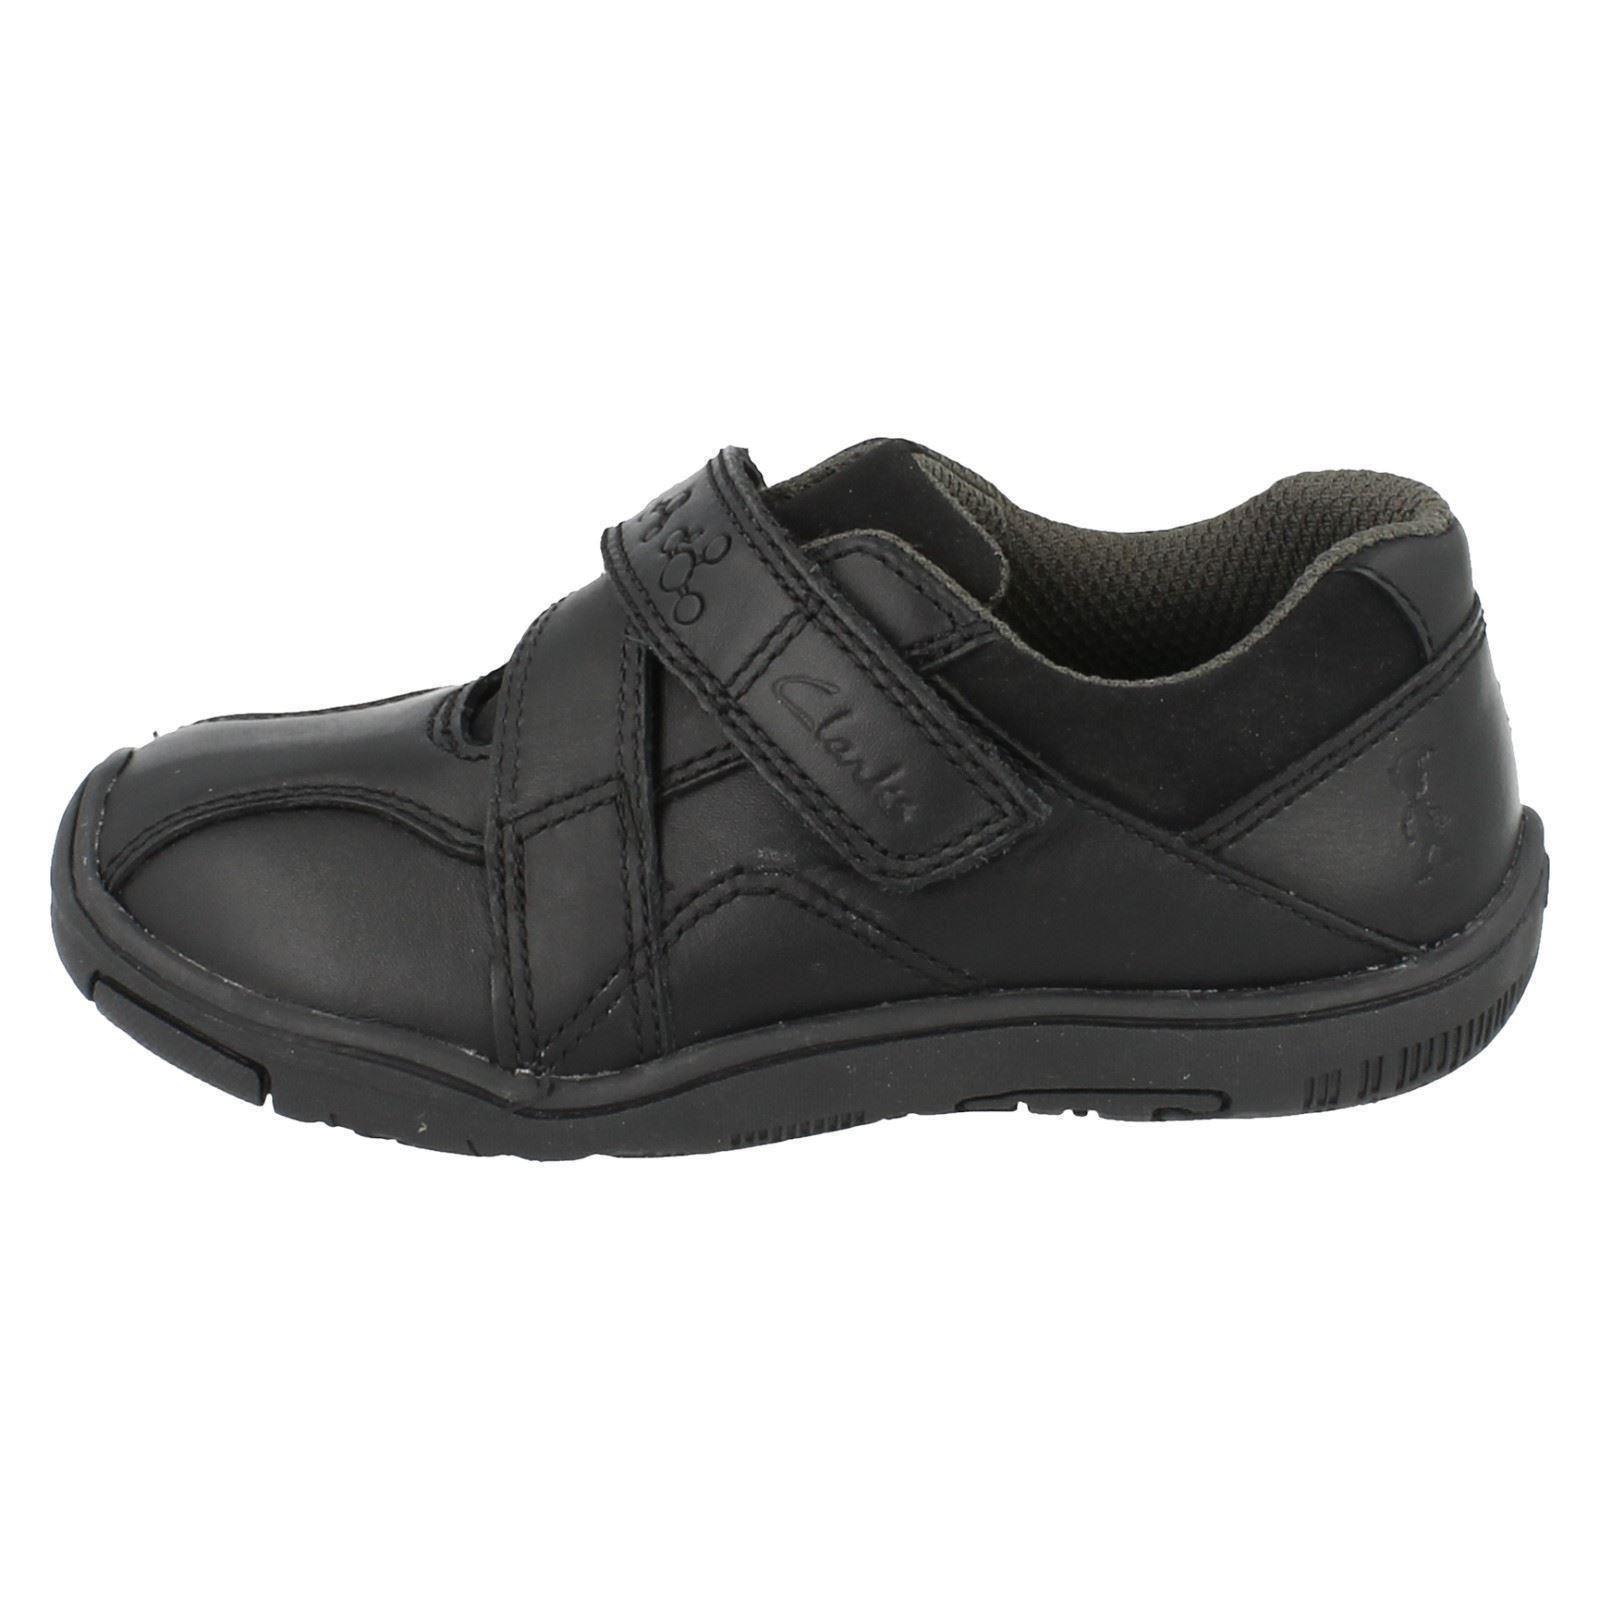 Clarks Zapatos De Escuela Niños Hook & Loop Nano aprender